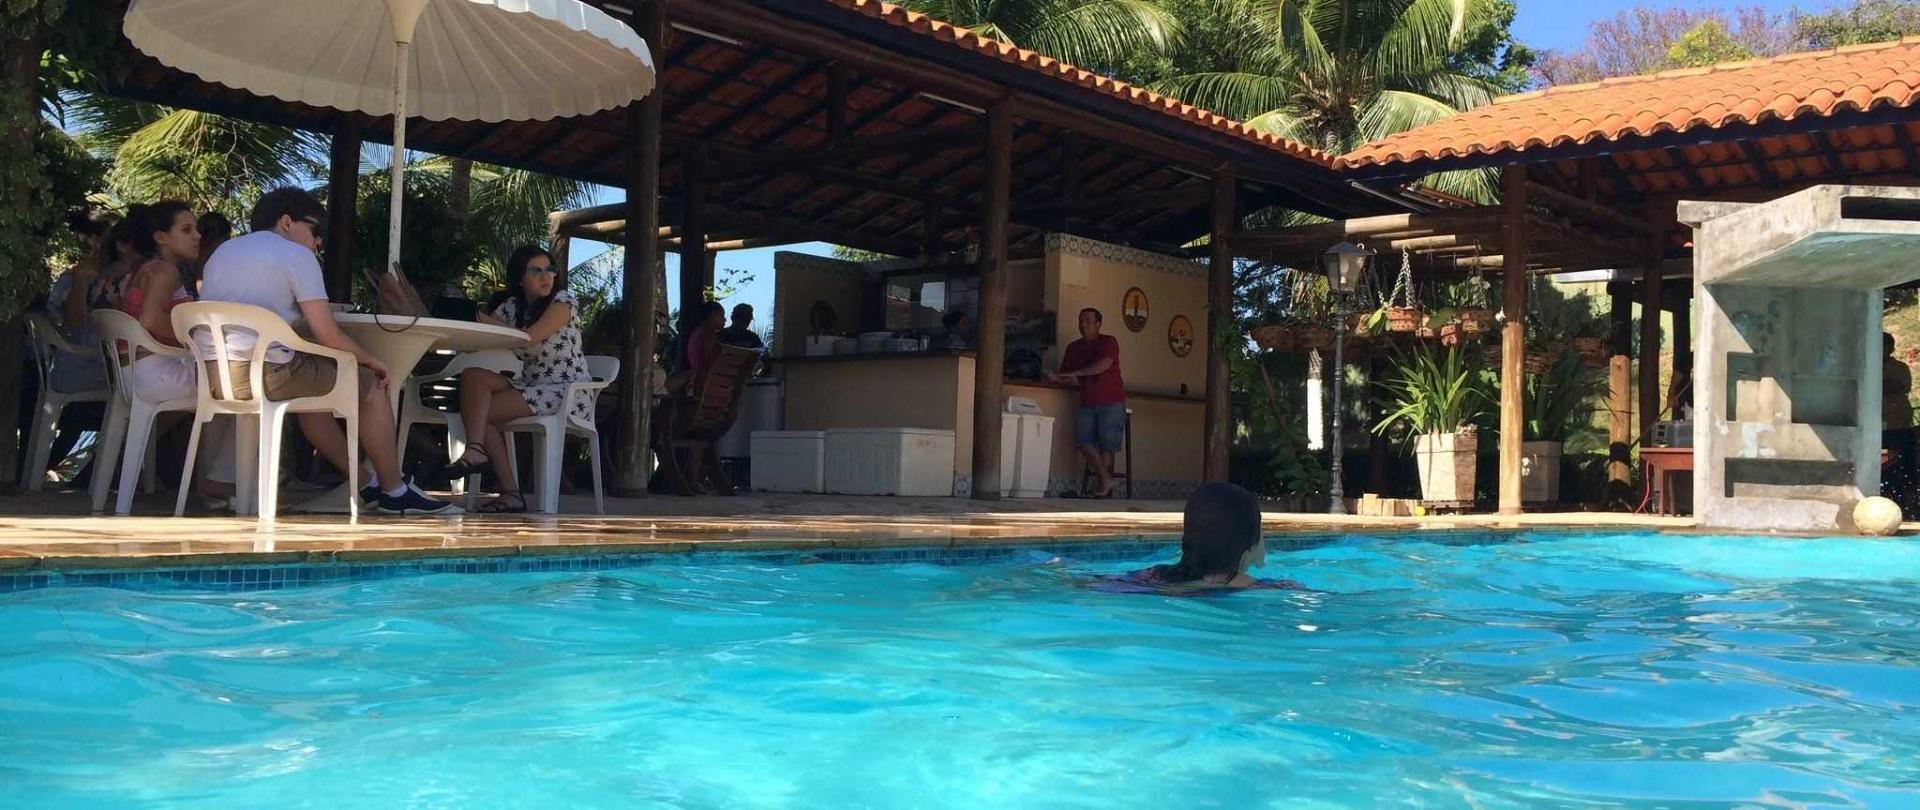 piscina-mov1-1.jpg